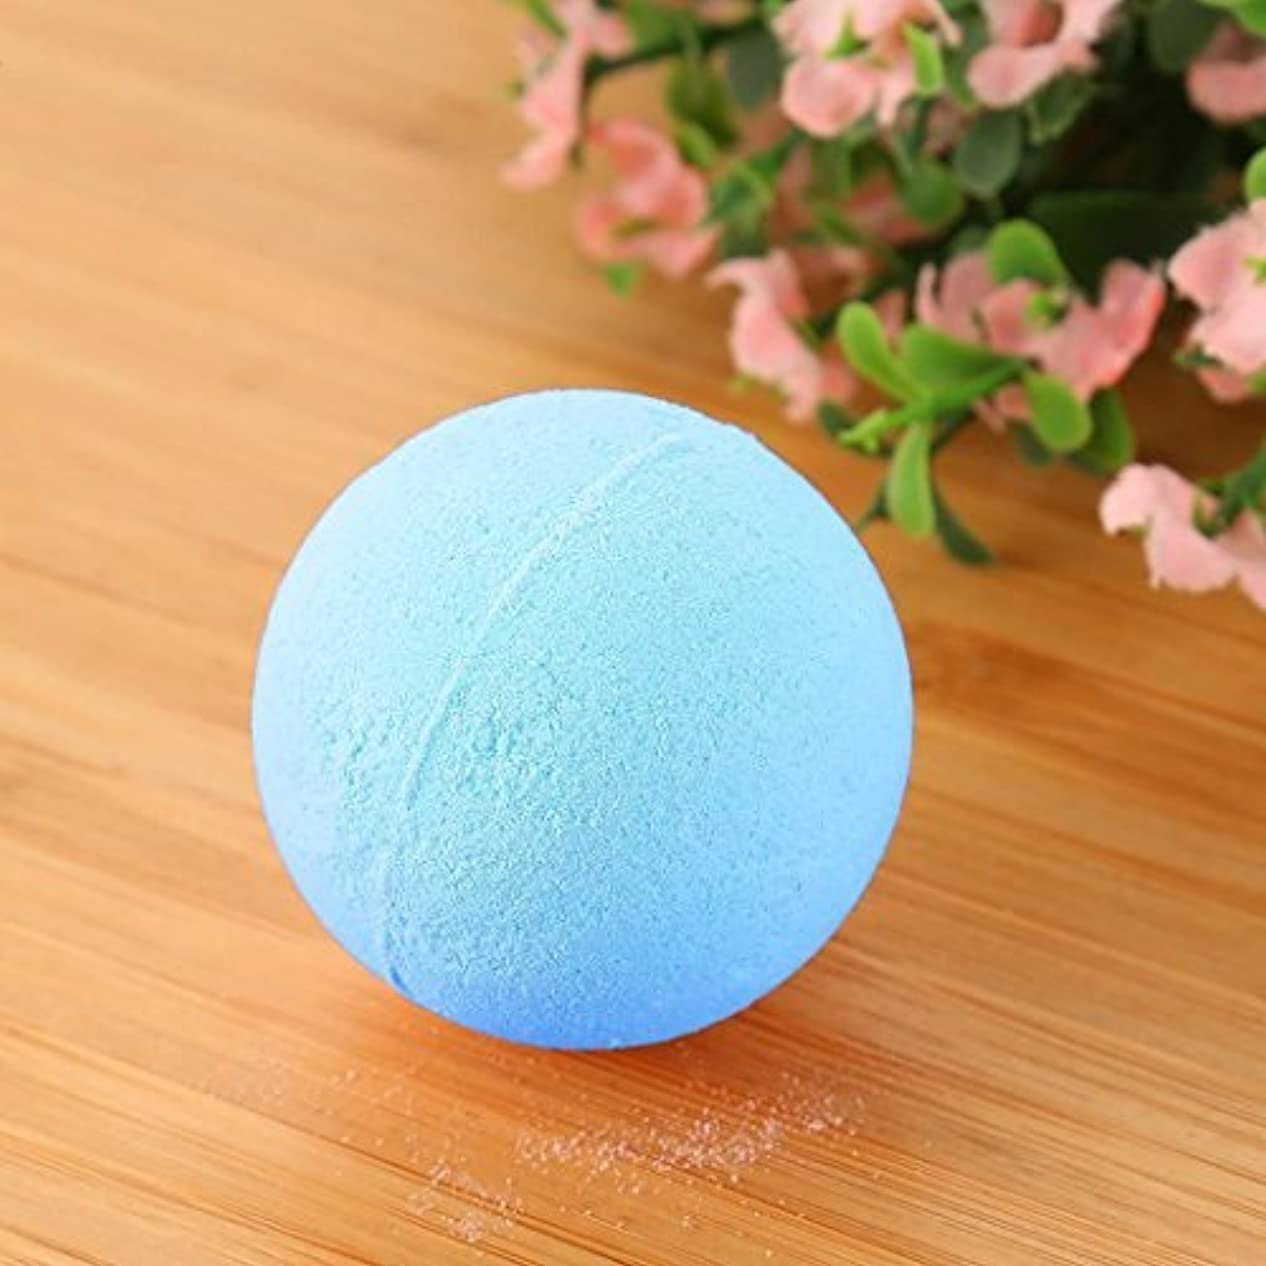 一見喉頭広告主バブル塩風呂の贈り物のためにボールをリラックスした女性の塩